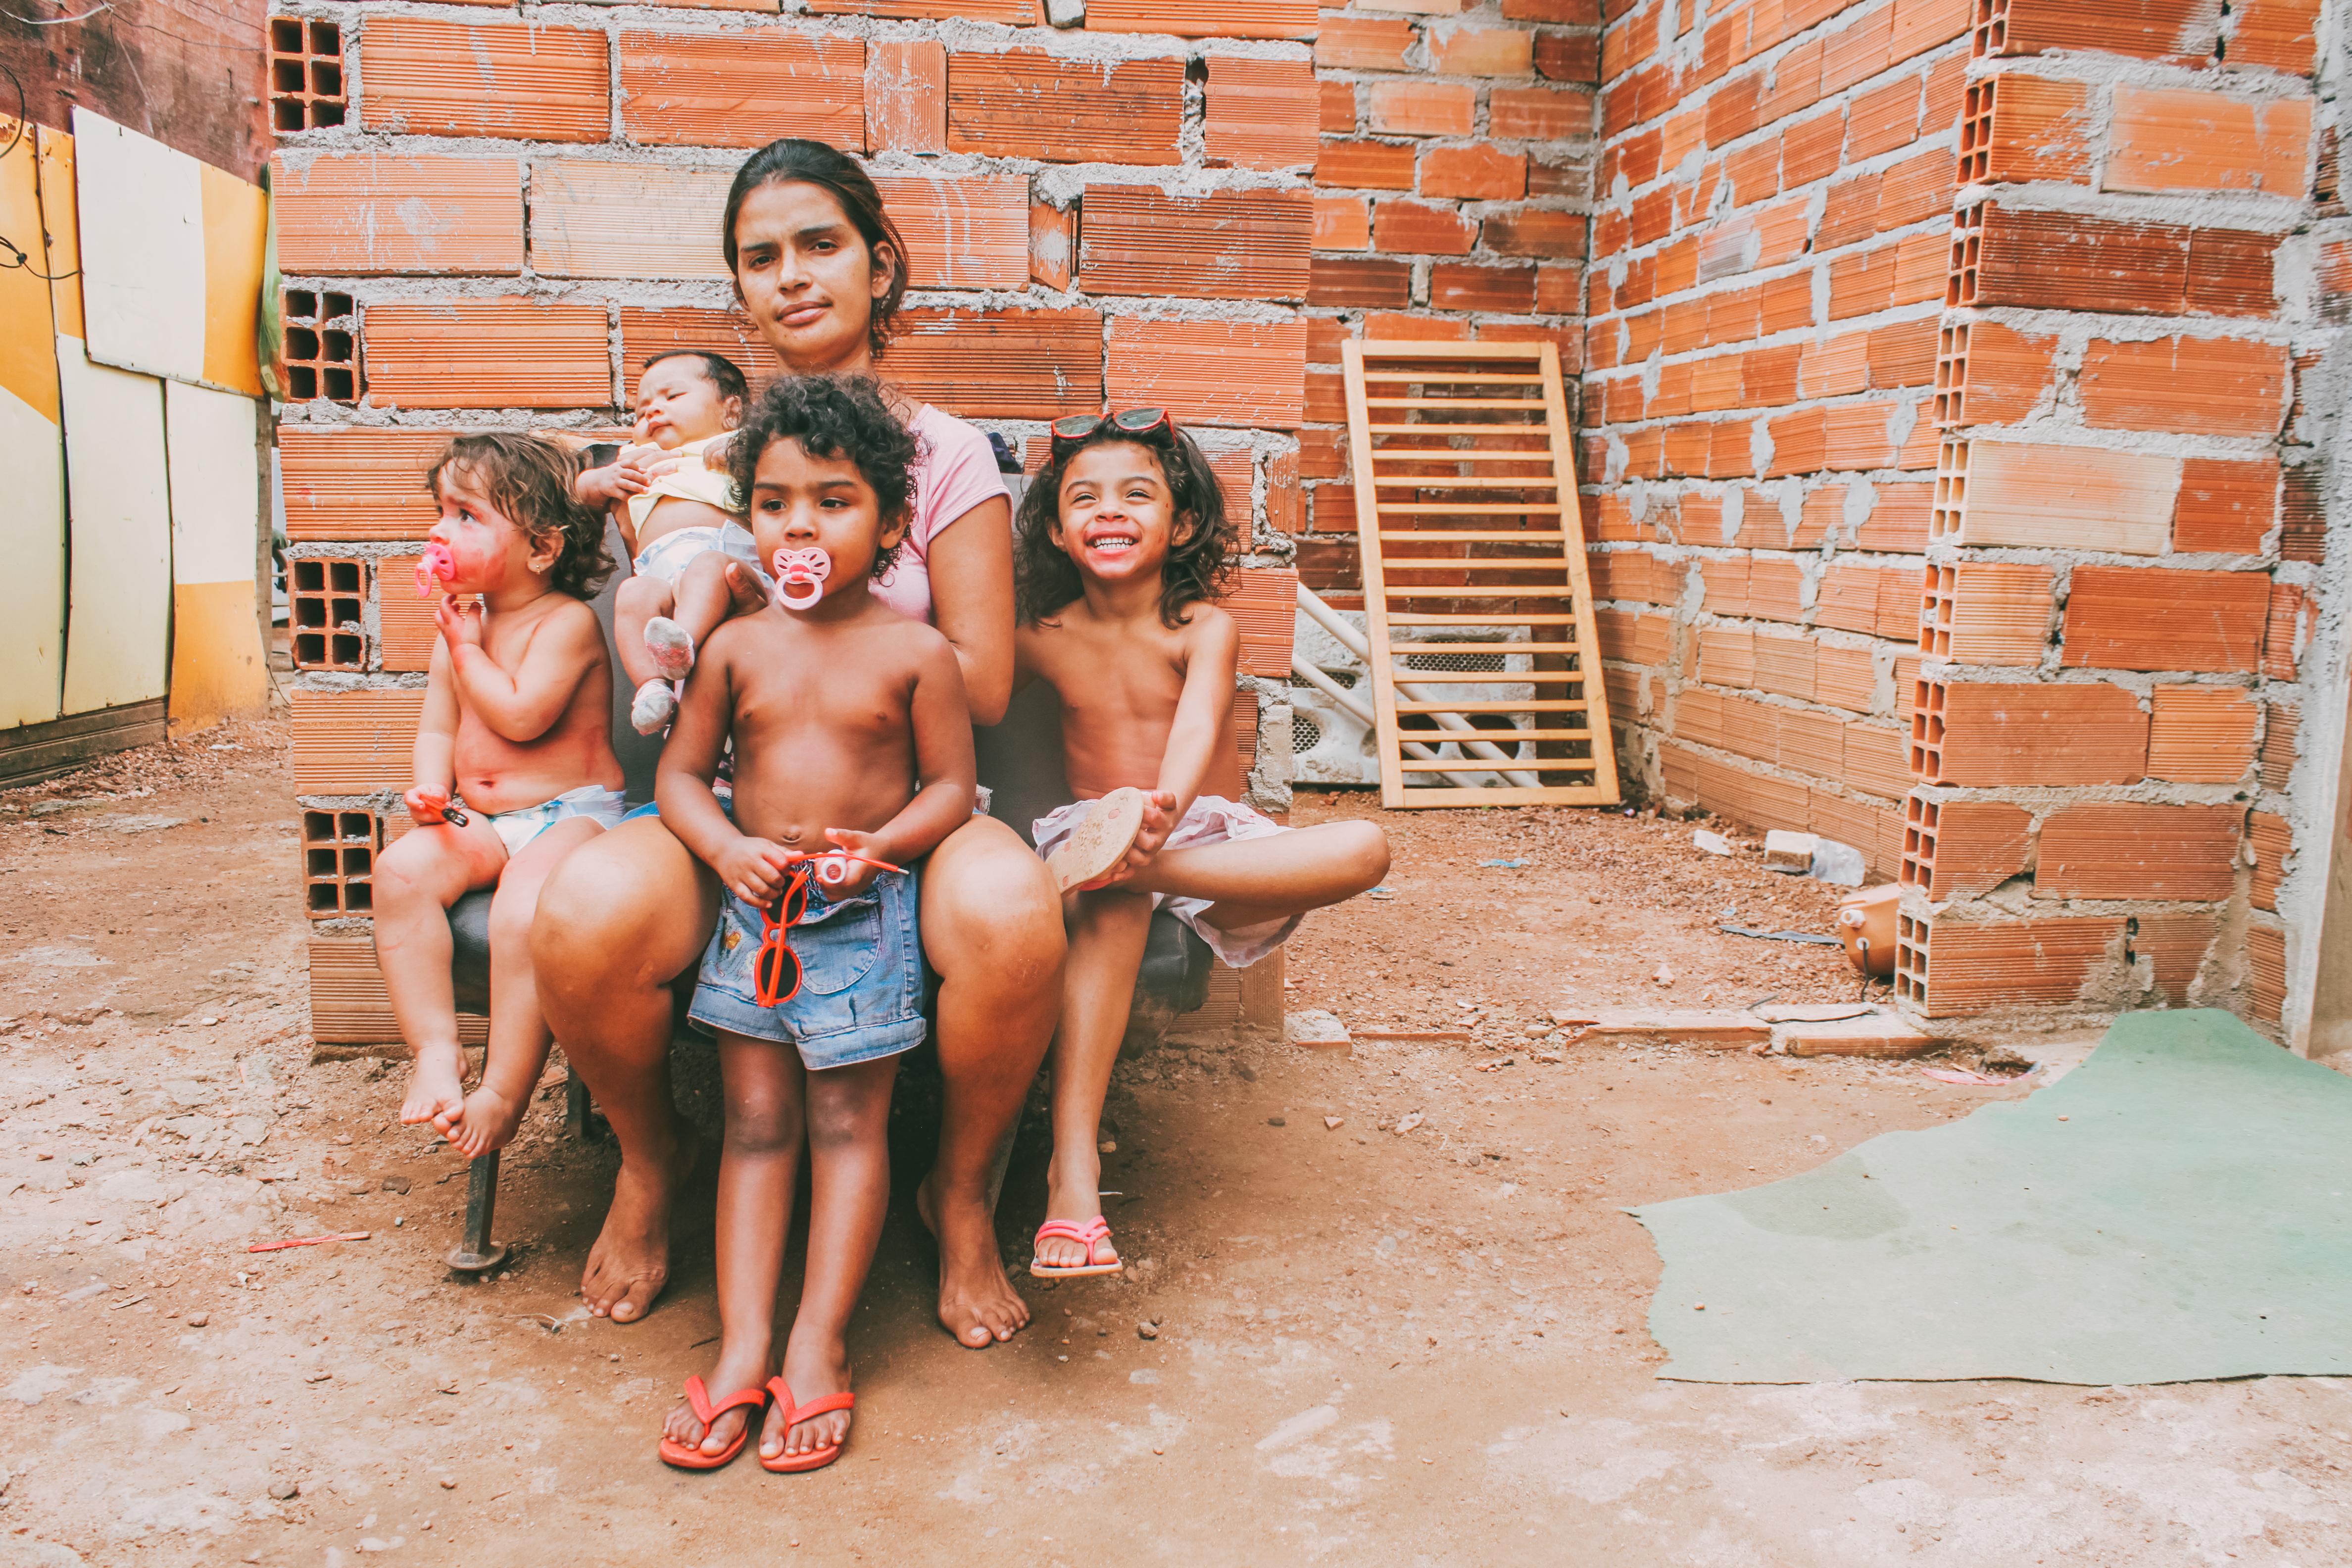 Foto: Geovana Fernandes (10 anos)